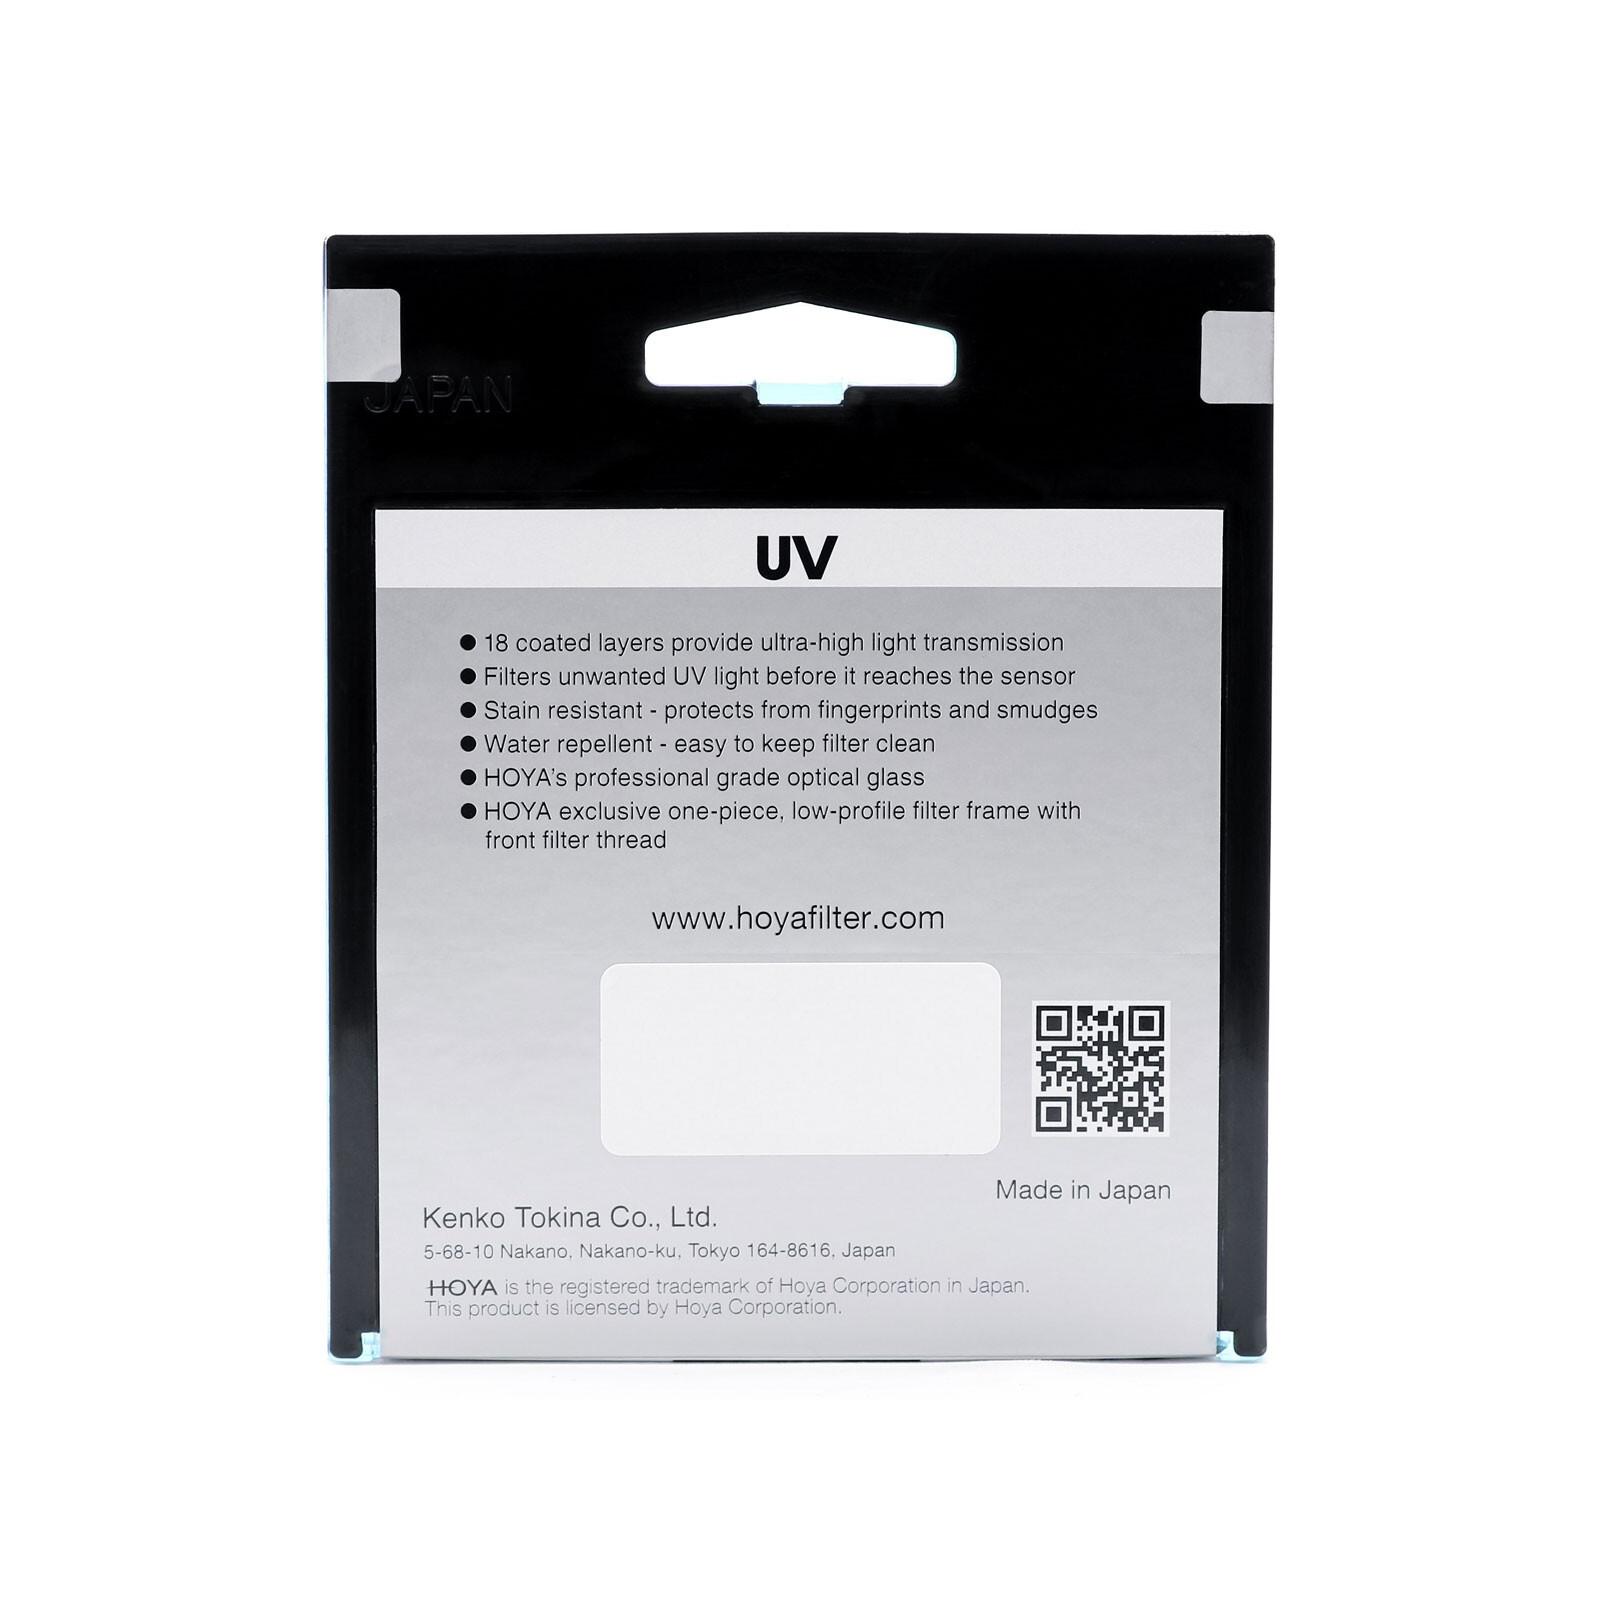 Hoya Fusion One UV